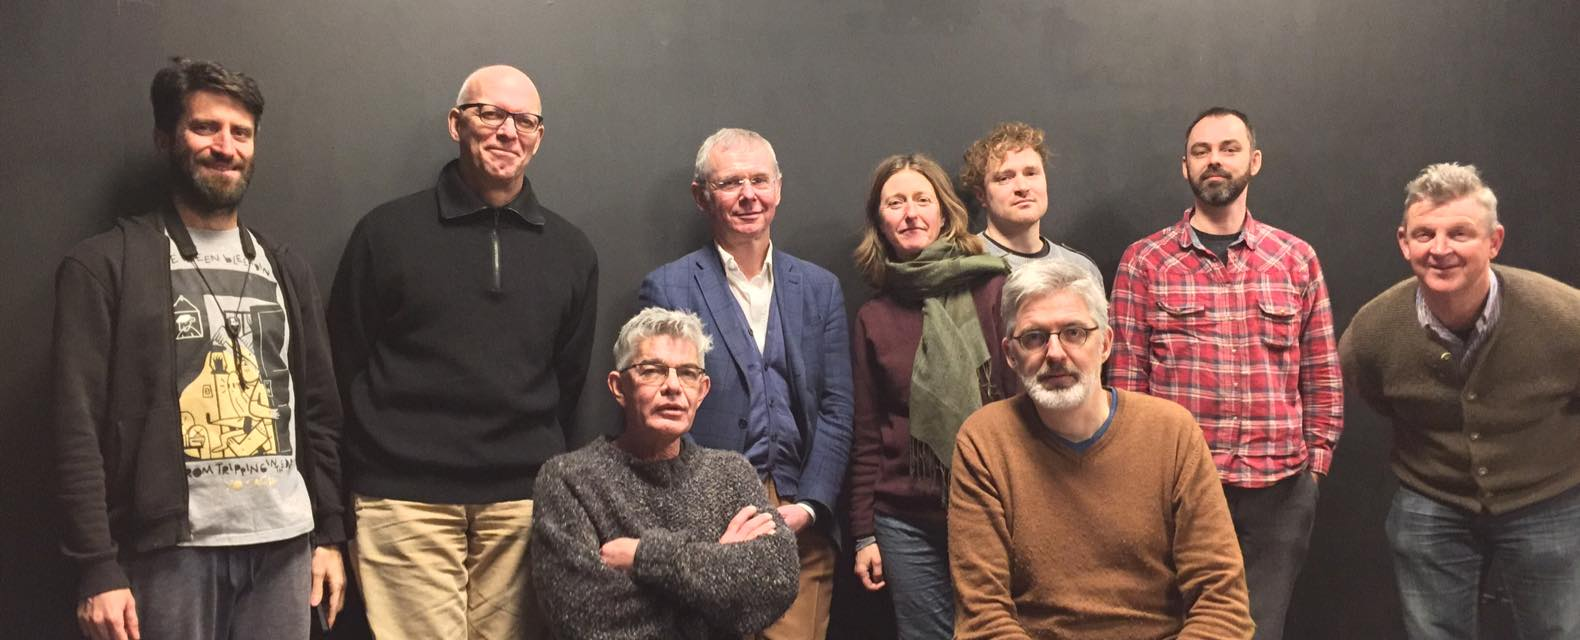 Qubit Philharmonic, 2017. FLTR: Natalio Sued, Michael Moore, Wilbert de Joode, JanWillem van der Ham, Felicity Provan, Gerri Jaeger, Joost Buis, Jeroen Kimman, Eric Boeren.